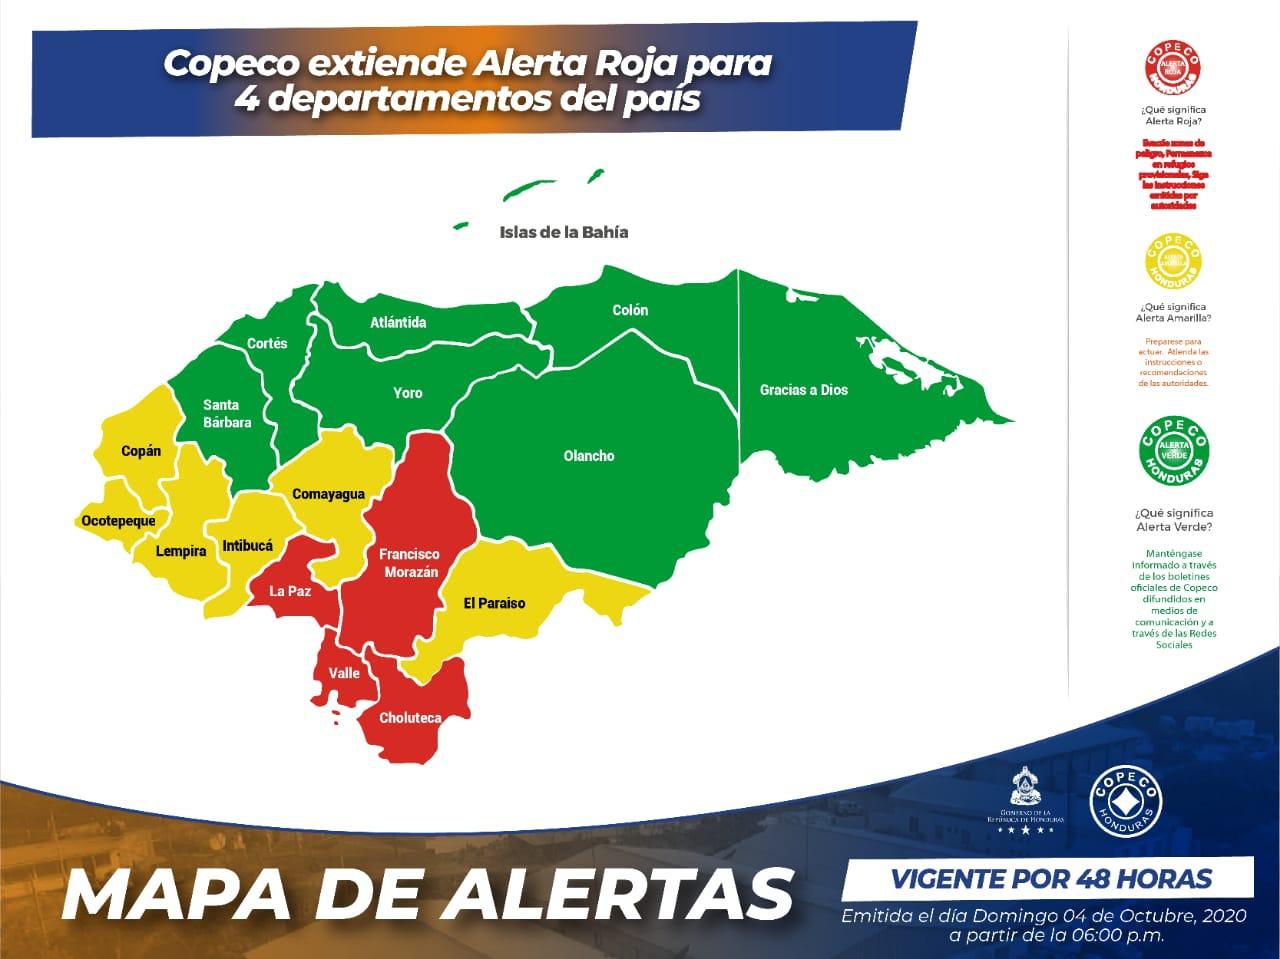 Tormenta Gamma: COPECO extiende Alerta Roja para cuatro departamentos